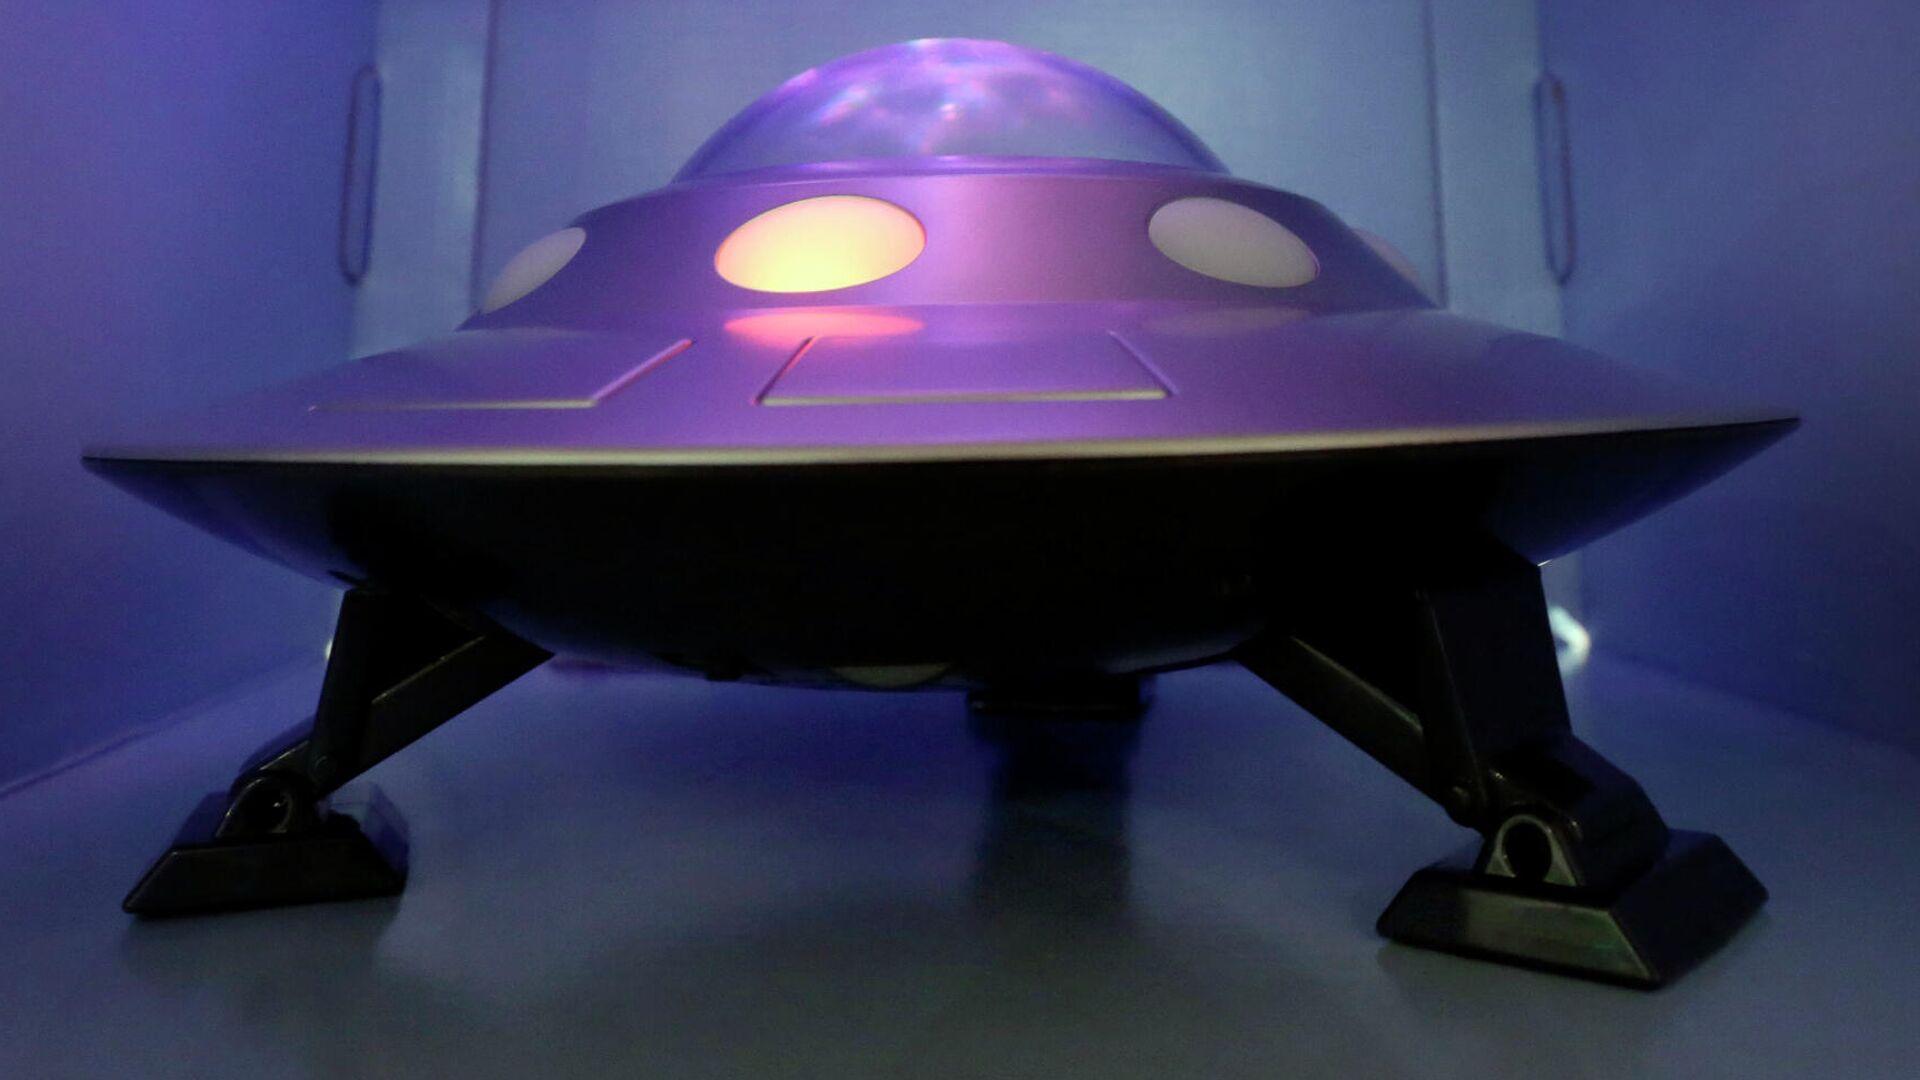 Un platillo volador de juguete - Sputnik Mundo, 1920, 26.06.2021